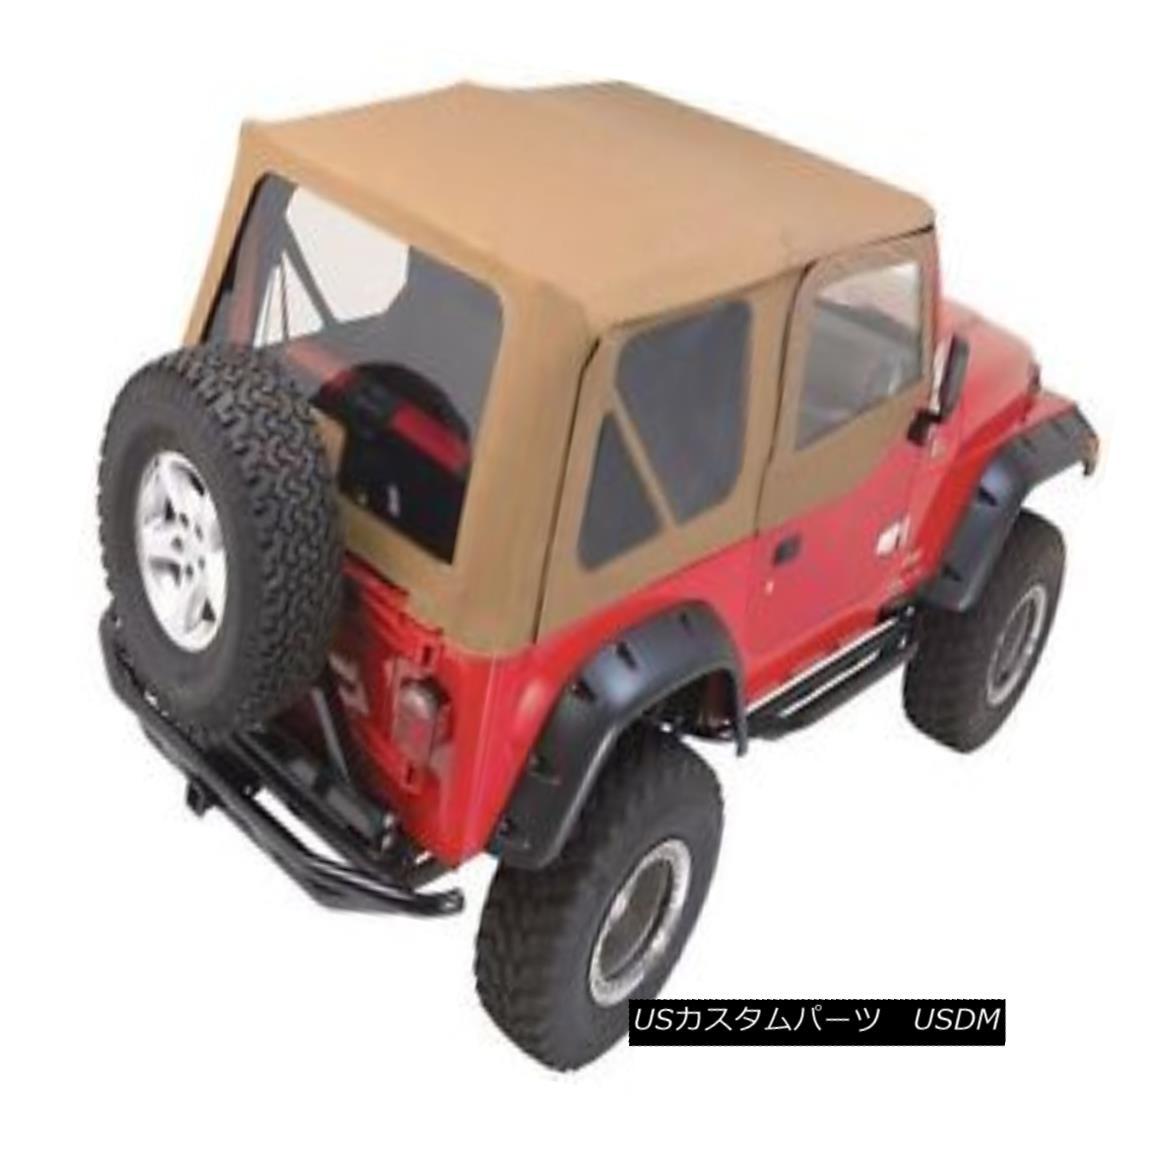 幌・ソフトトップ Rampage Complete Soft Top w/ Frame 97-06 Jeep Wrangler TJ 68317 Spice 暴走完全なソフトトップフレーム97-06ジープラングラーTJ 68317スパイス